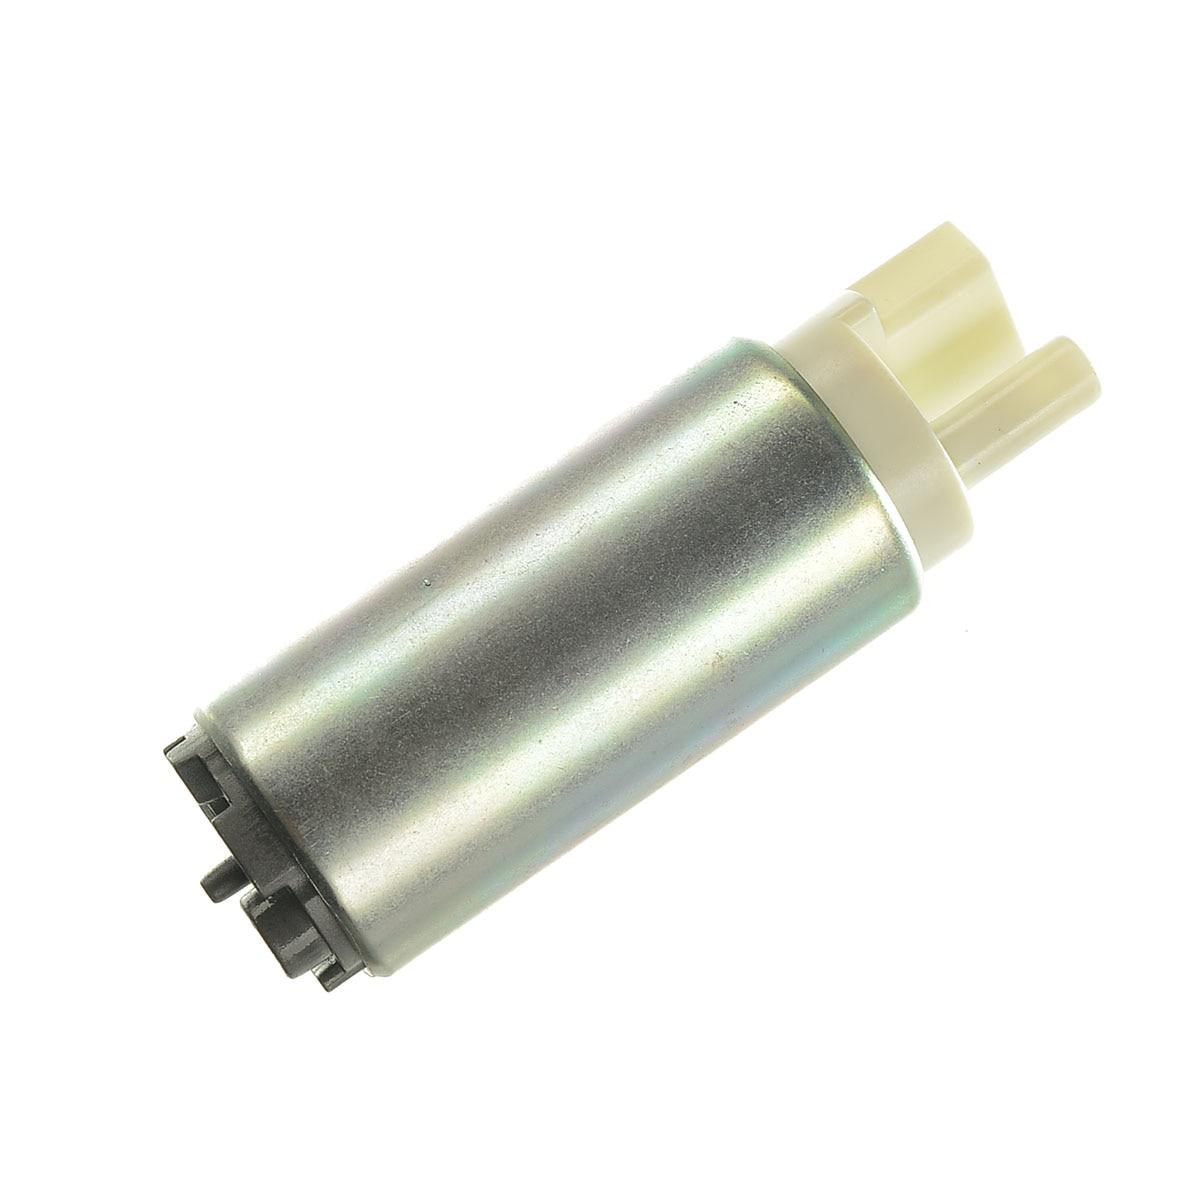 Fuel Pump for 2000 Nissan Maxima V6 3.0L